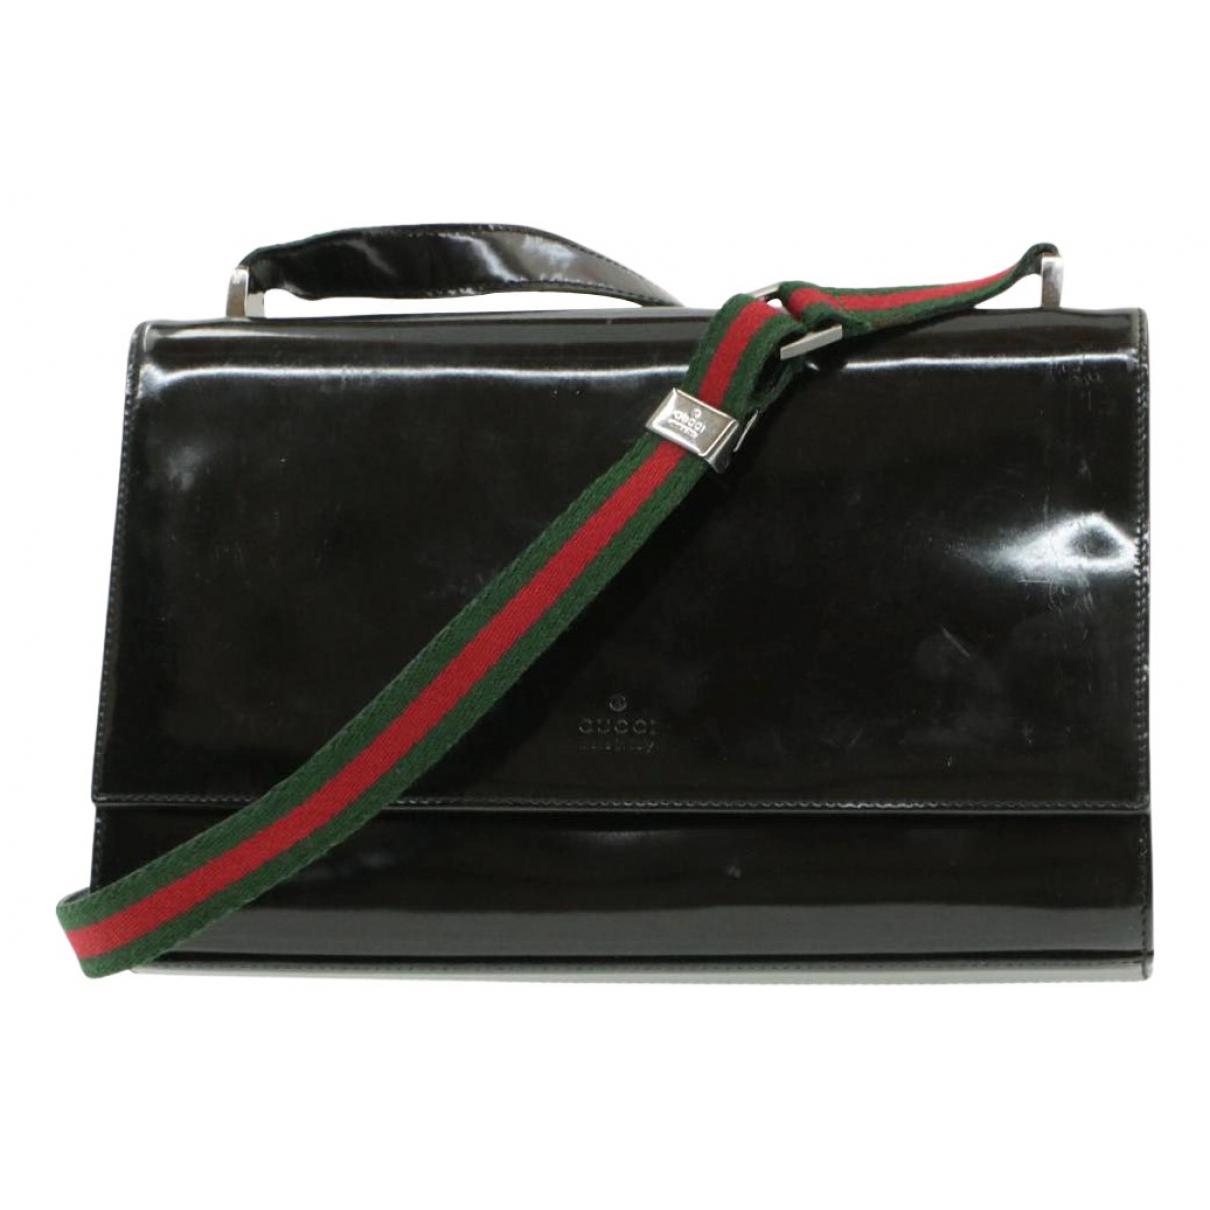 Gucci - Pochette   pour femme en cuir verni - noir